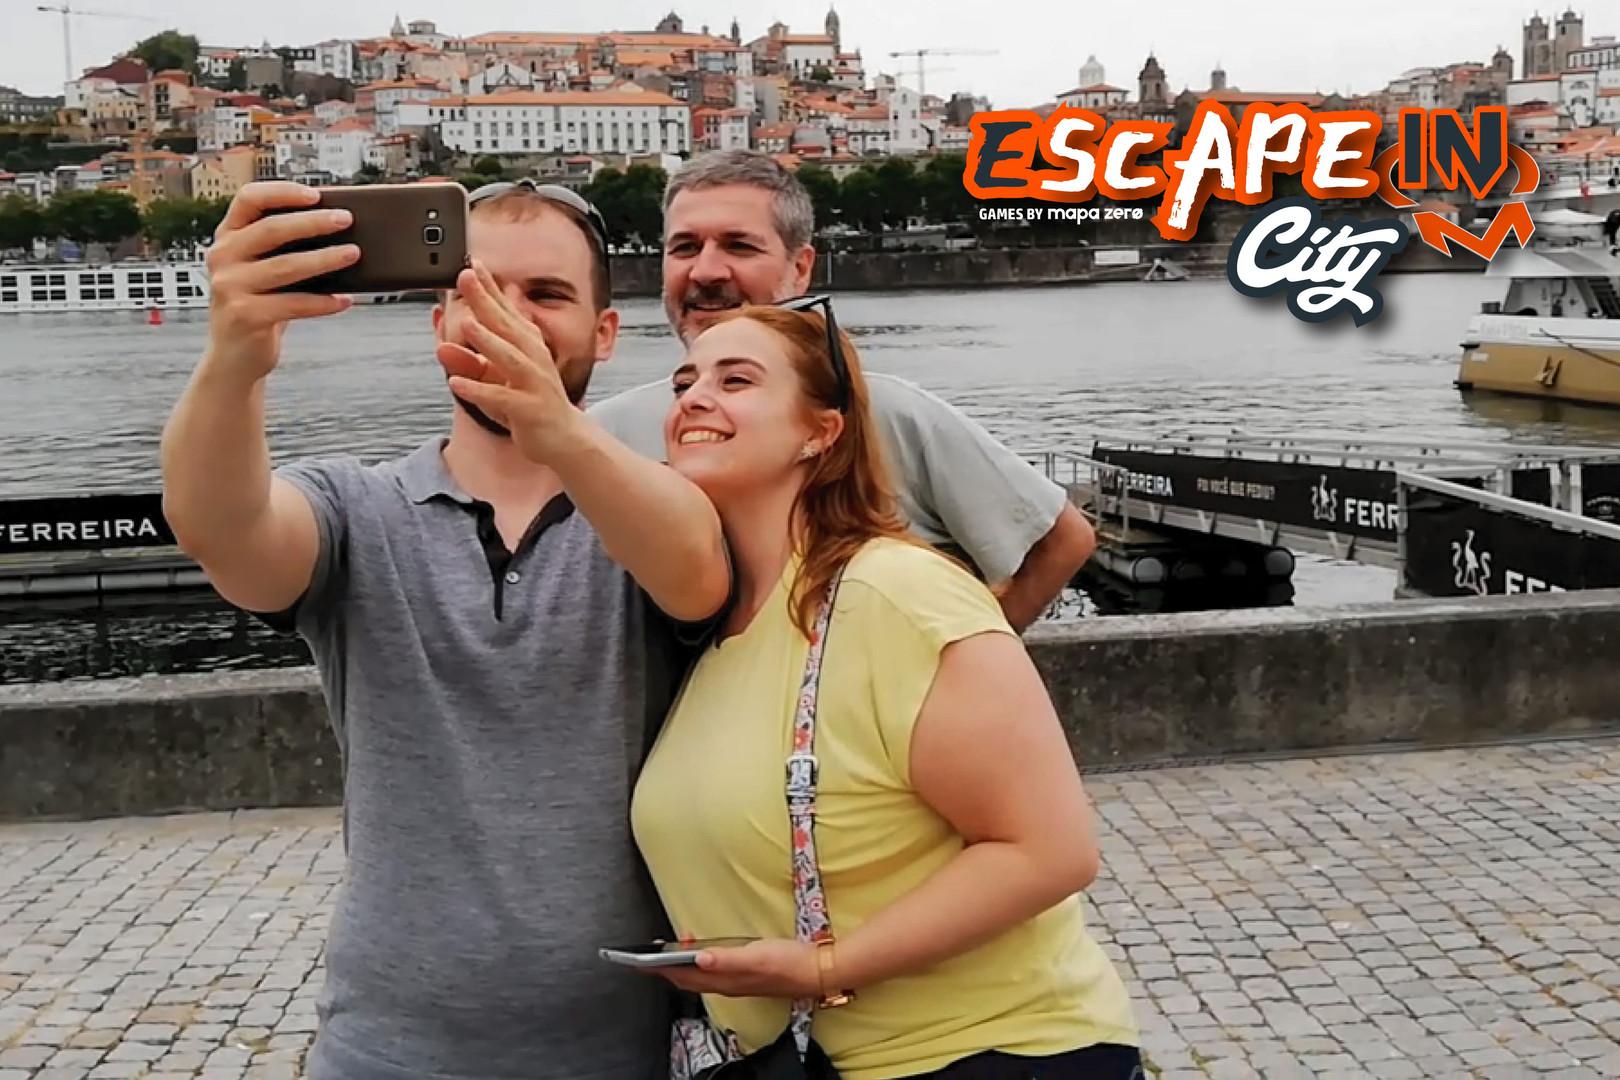 Escape in City (3).jpg